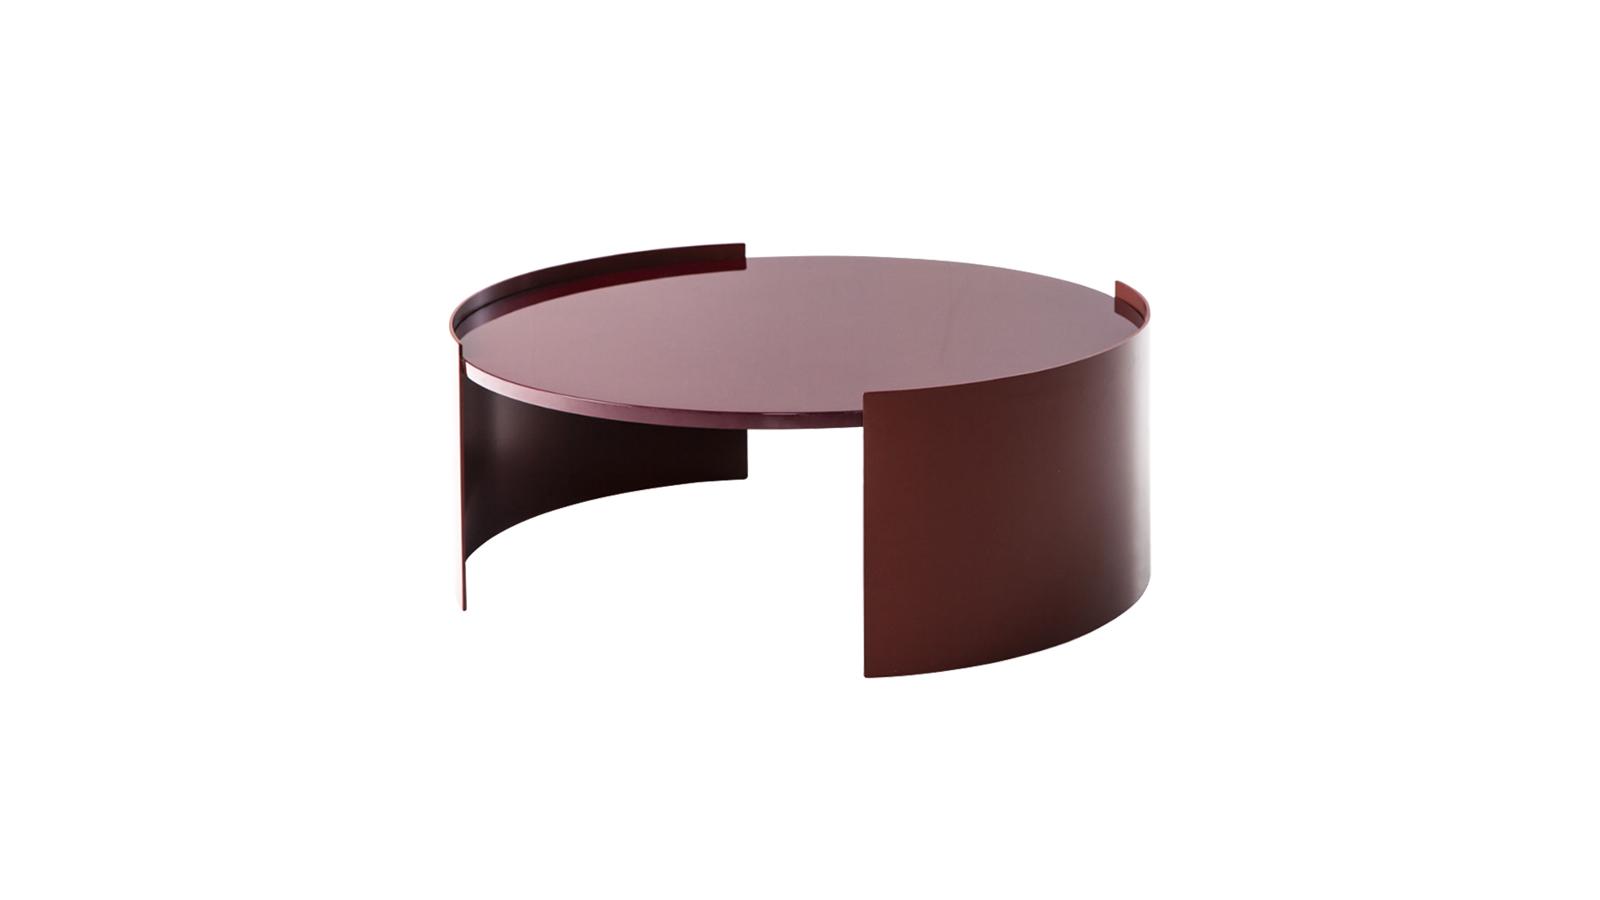 A Bowy asztalkák ugyanazt a gömbölyded formavilágot képviselik, mint a Cassina azonos nevű kanapésorozata. A többféle méretben és magasságban elérhető asztalok a tér praktikus kiegészítői - immár kültéren is, hiszen a Bowy 2020-tól kültéri verzióban is piacra került.